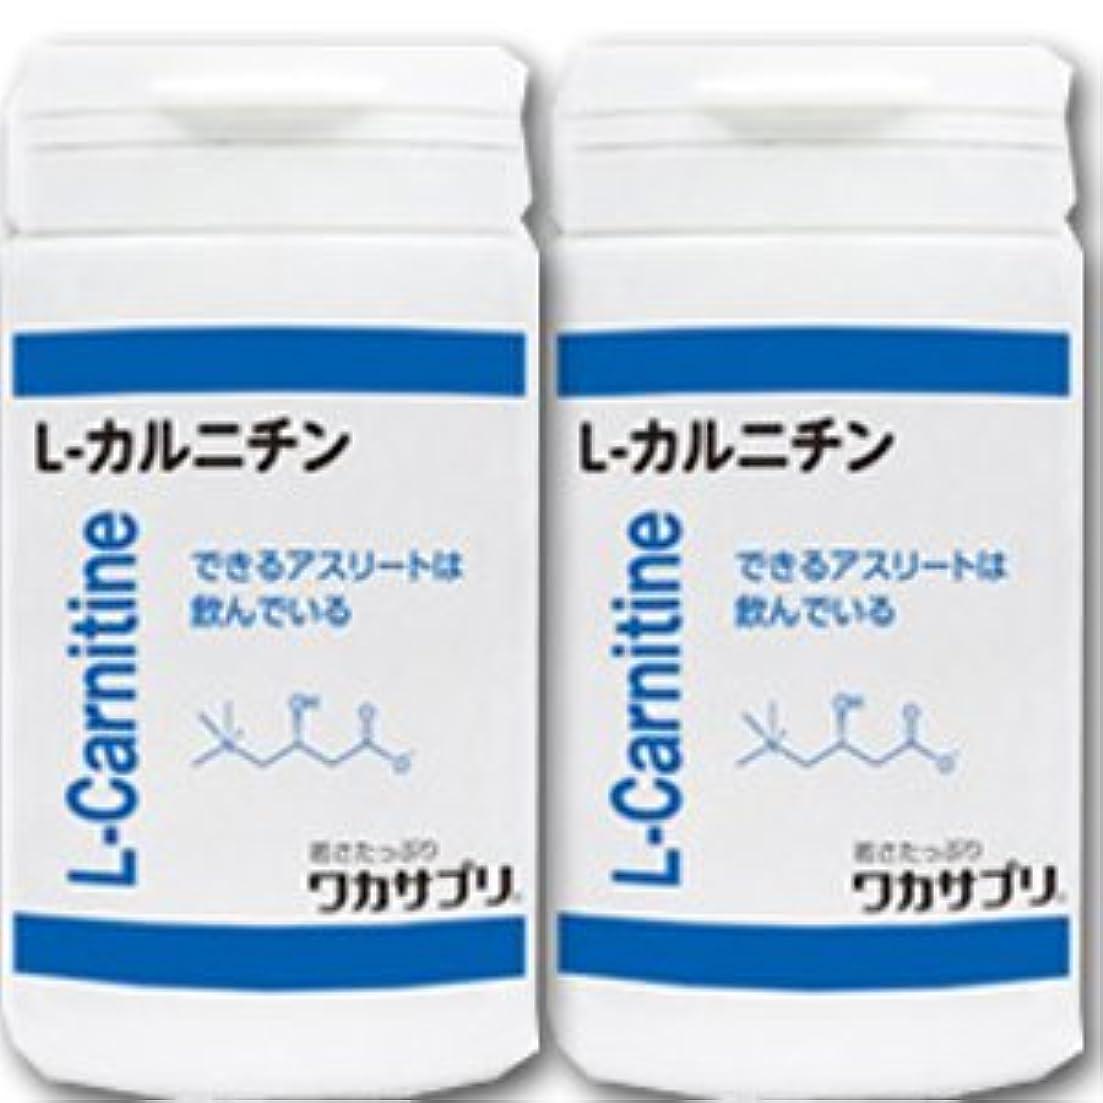 ヒロイン戦争五【2個】 ワカサプリ L-カルニチン 60粒x2個(4562137413703)